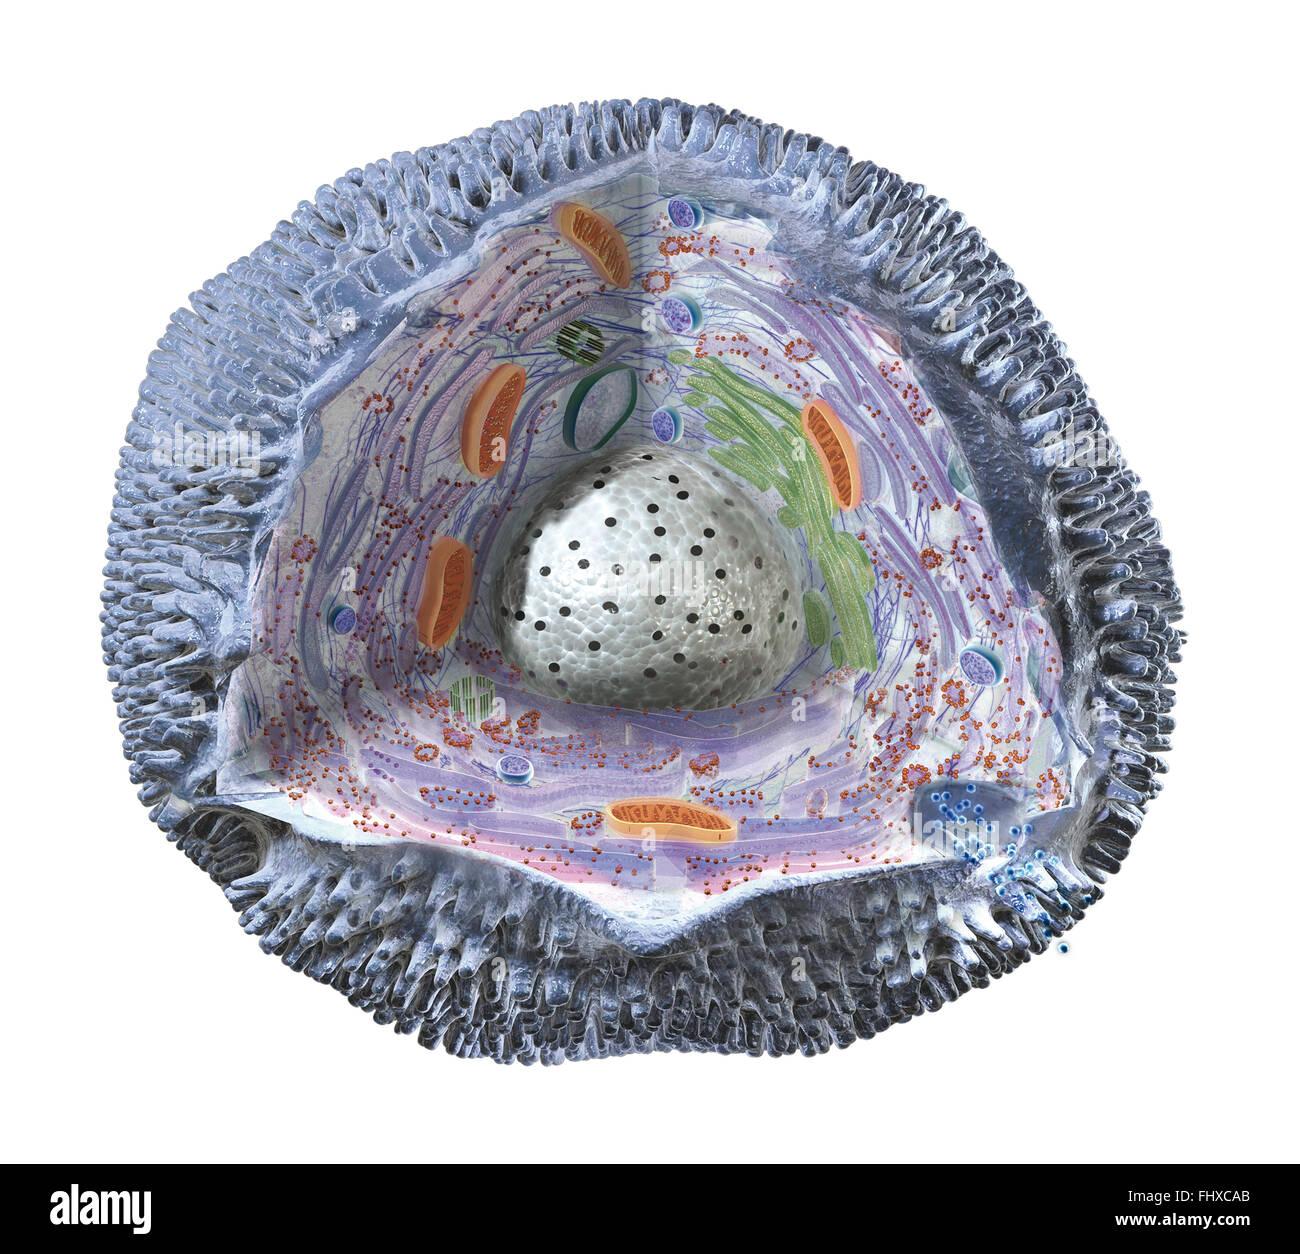 La Estructura De La Célula Humana Mostrando La Membrana